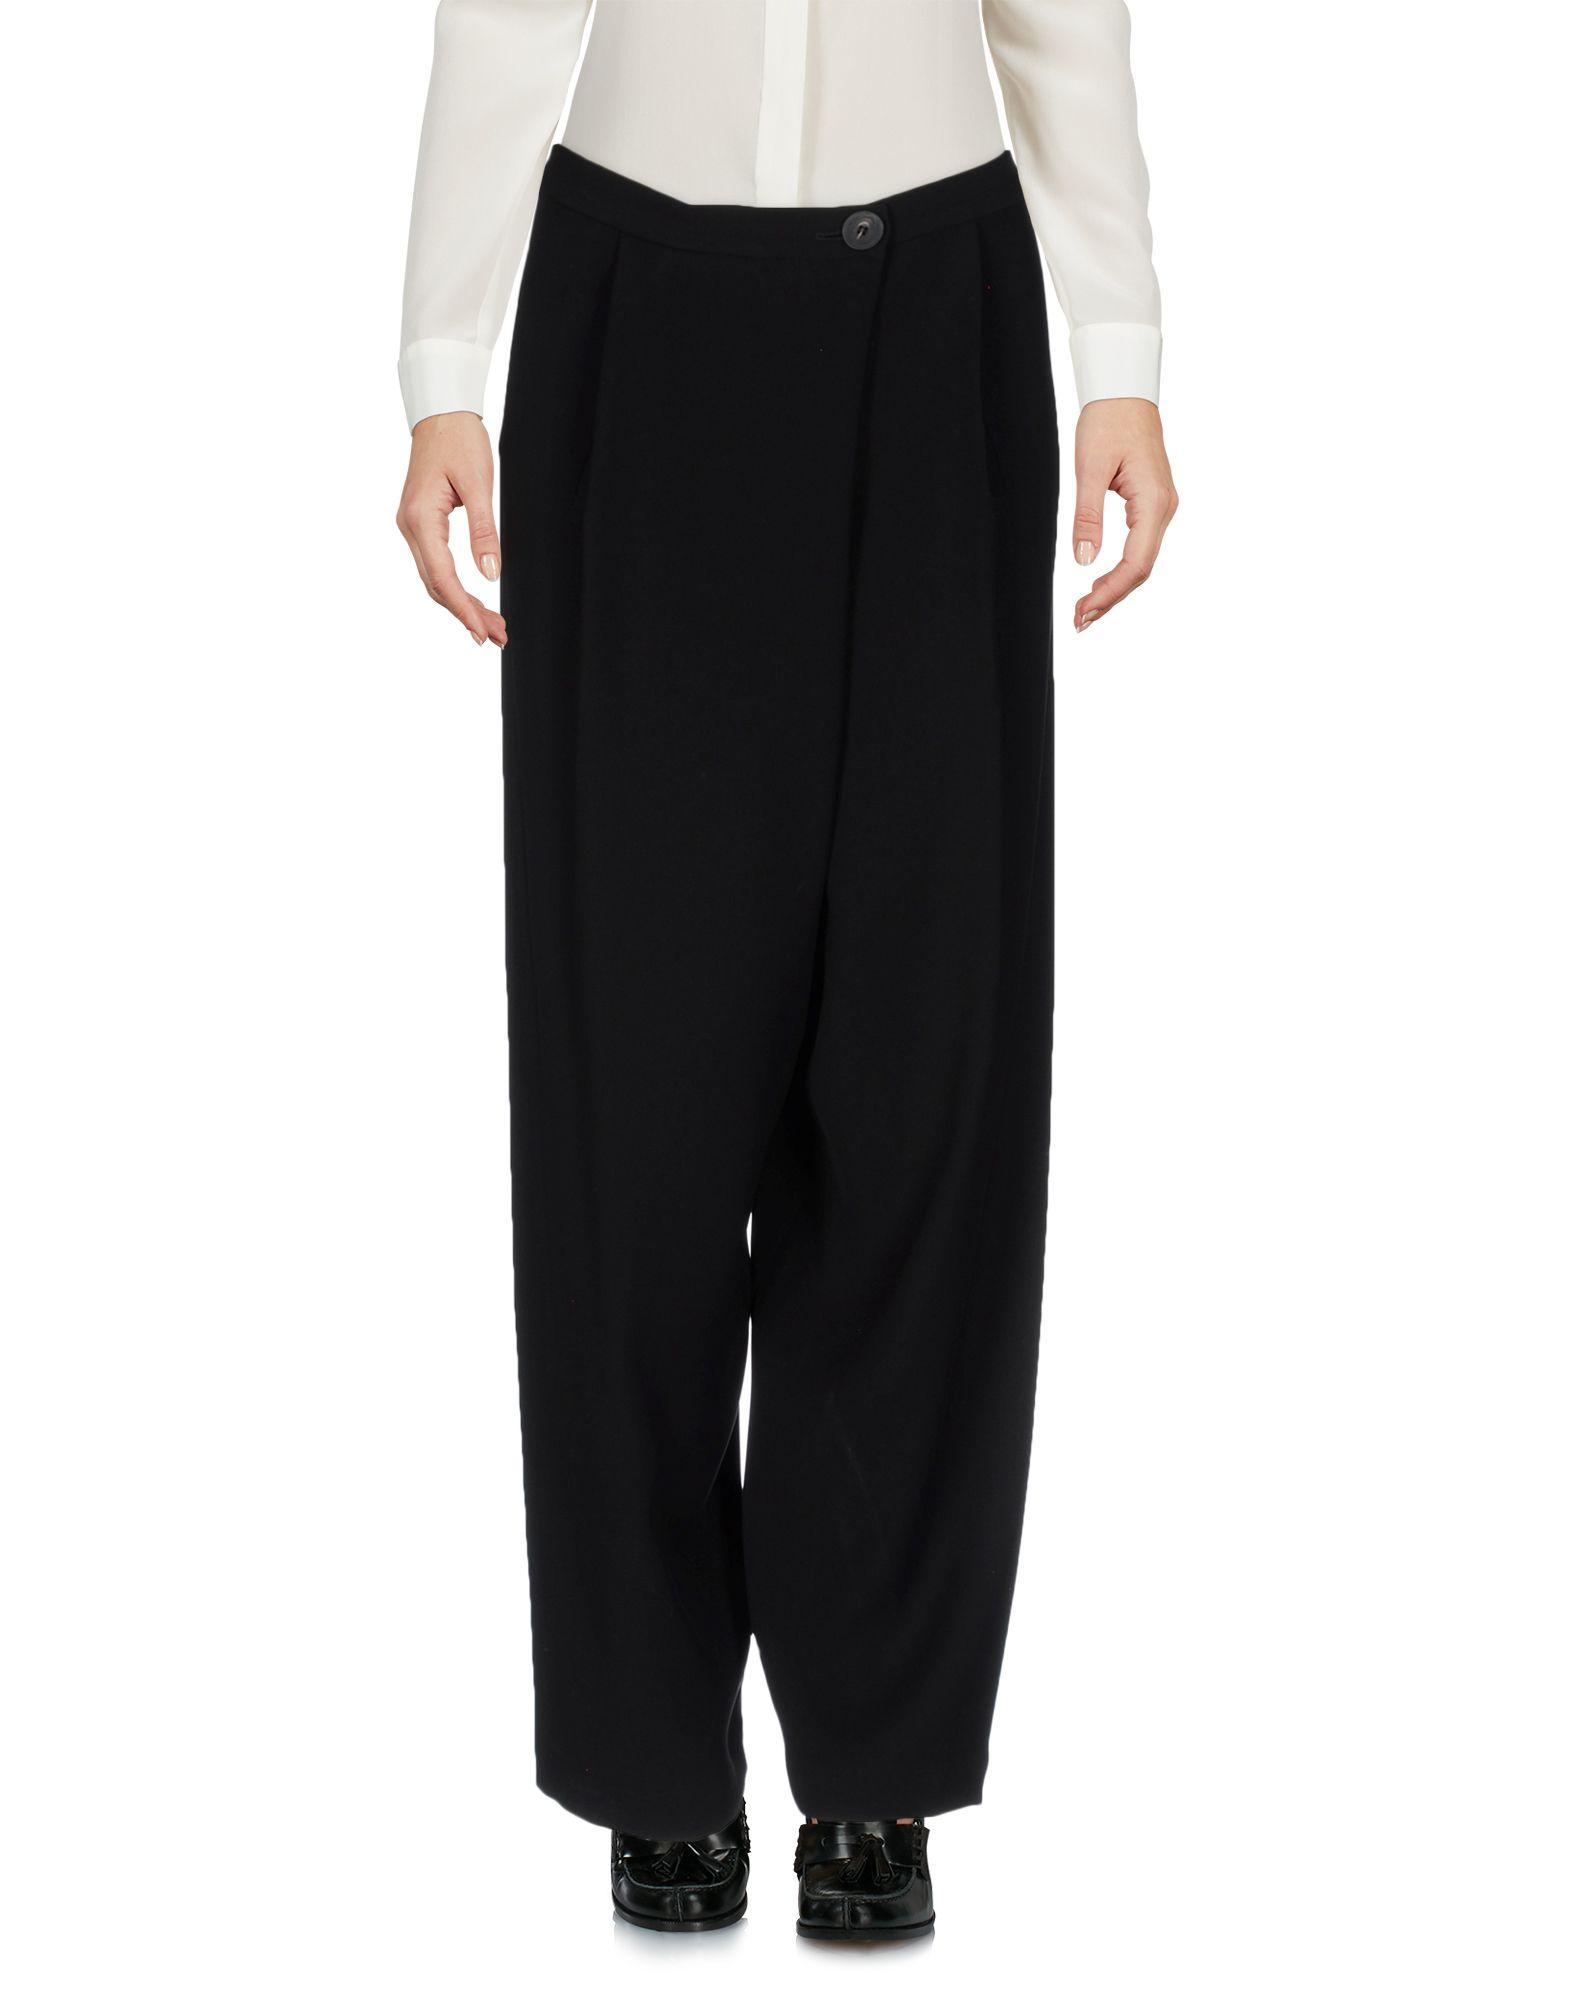 Pantalone Mcq Alexander Mcqueen Donna - Acquista online su cCQ3uT